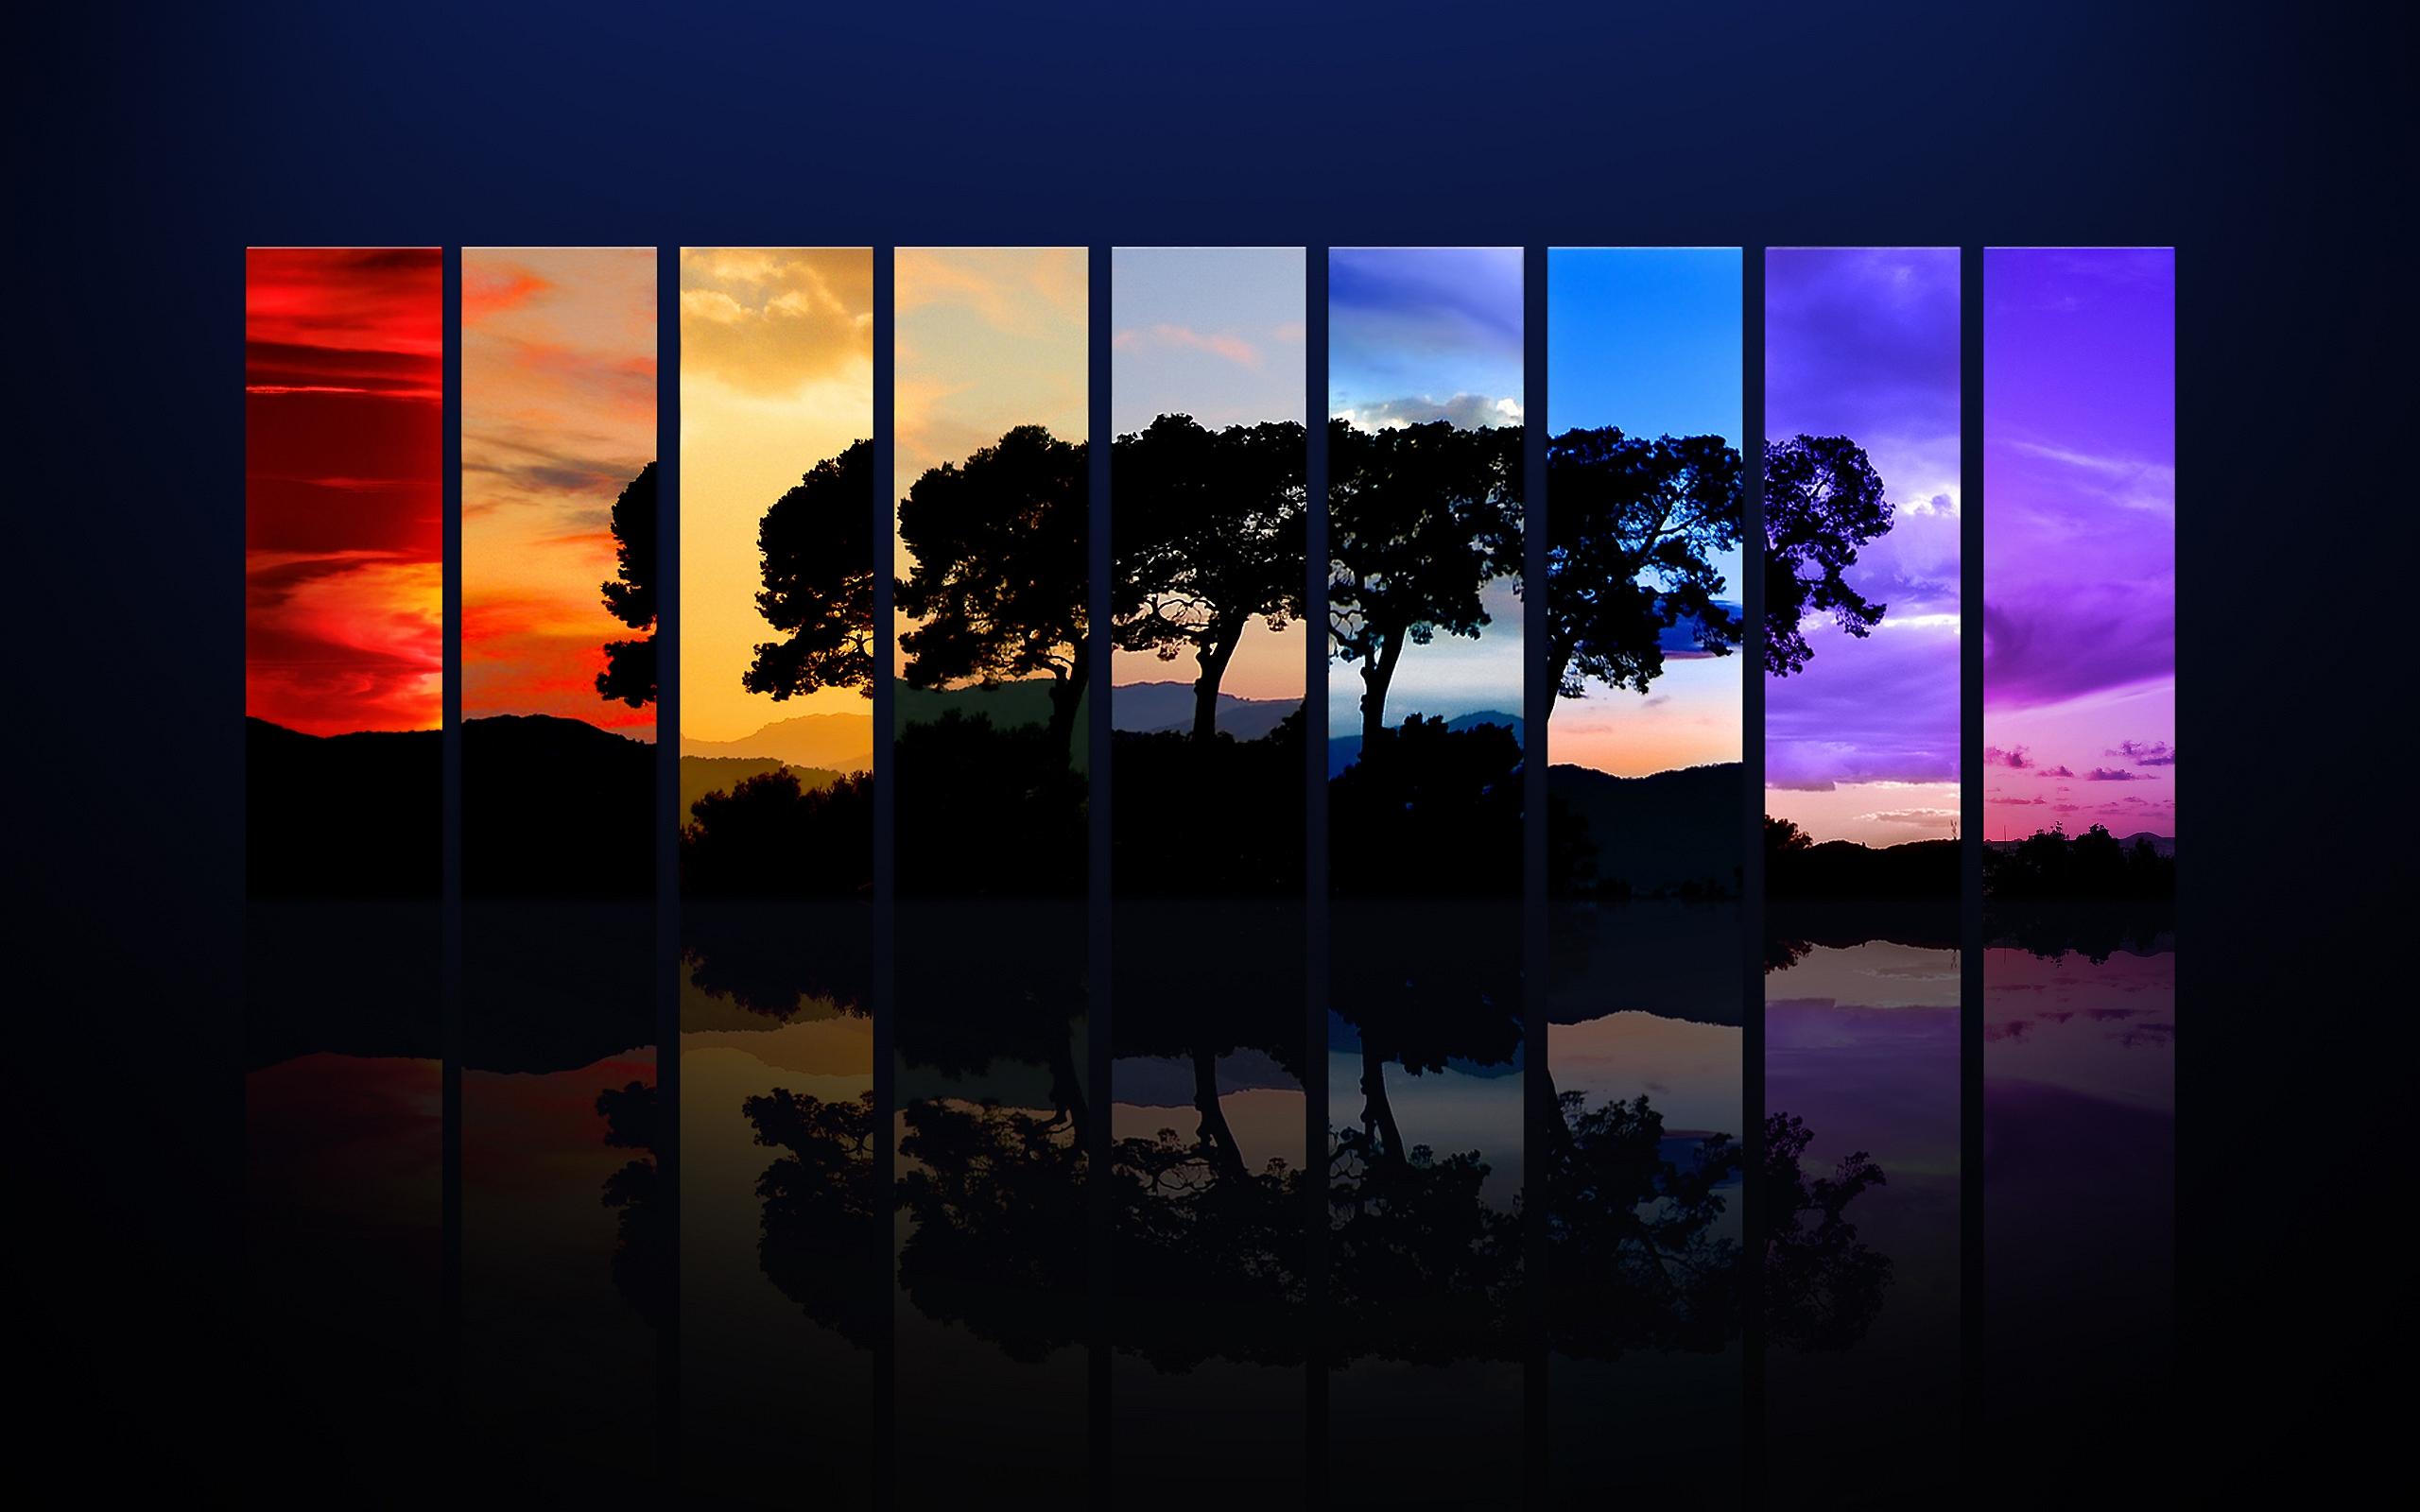 Cool Desktop Background